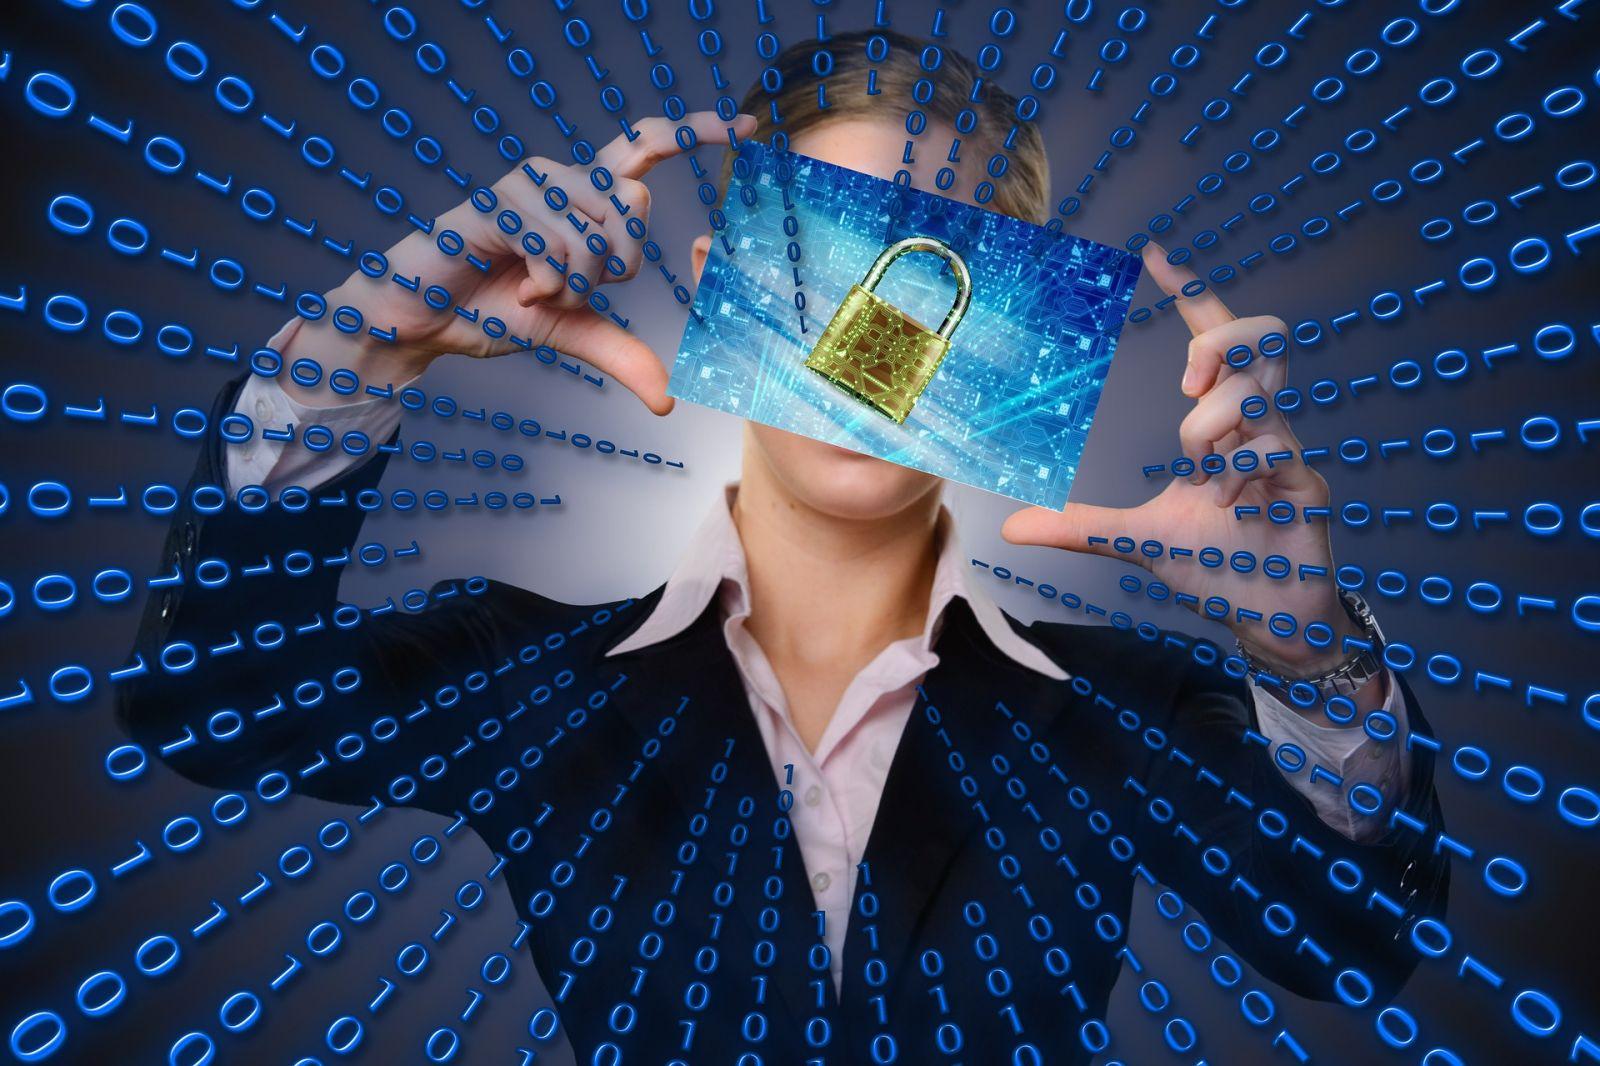 Договор на создание сайта конфиденциальность